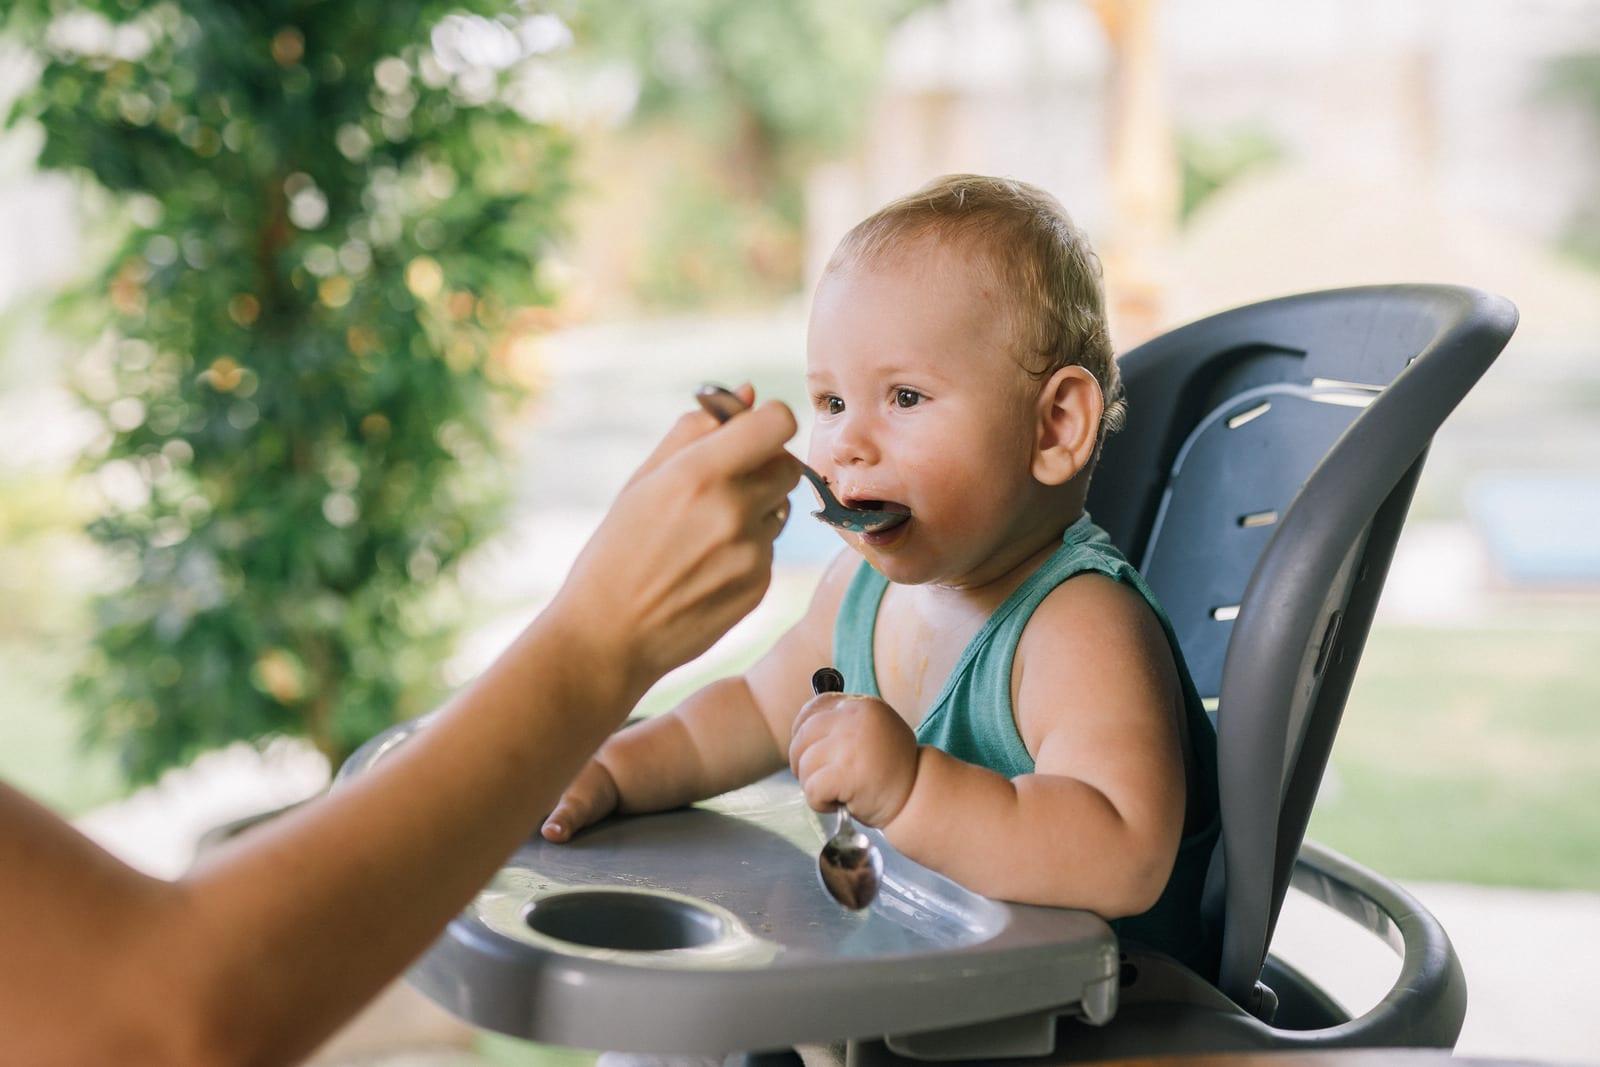 alimentação de um bebé de 6 meses